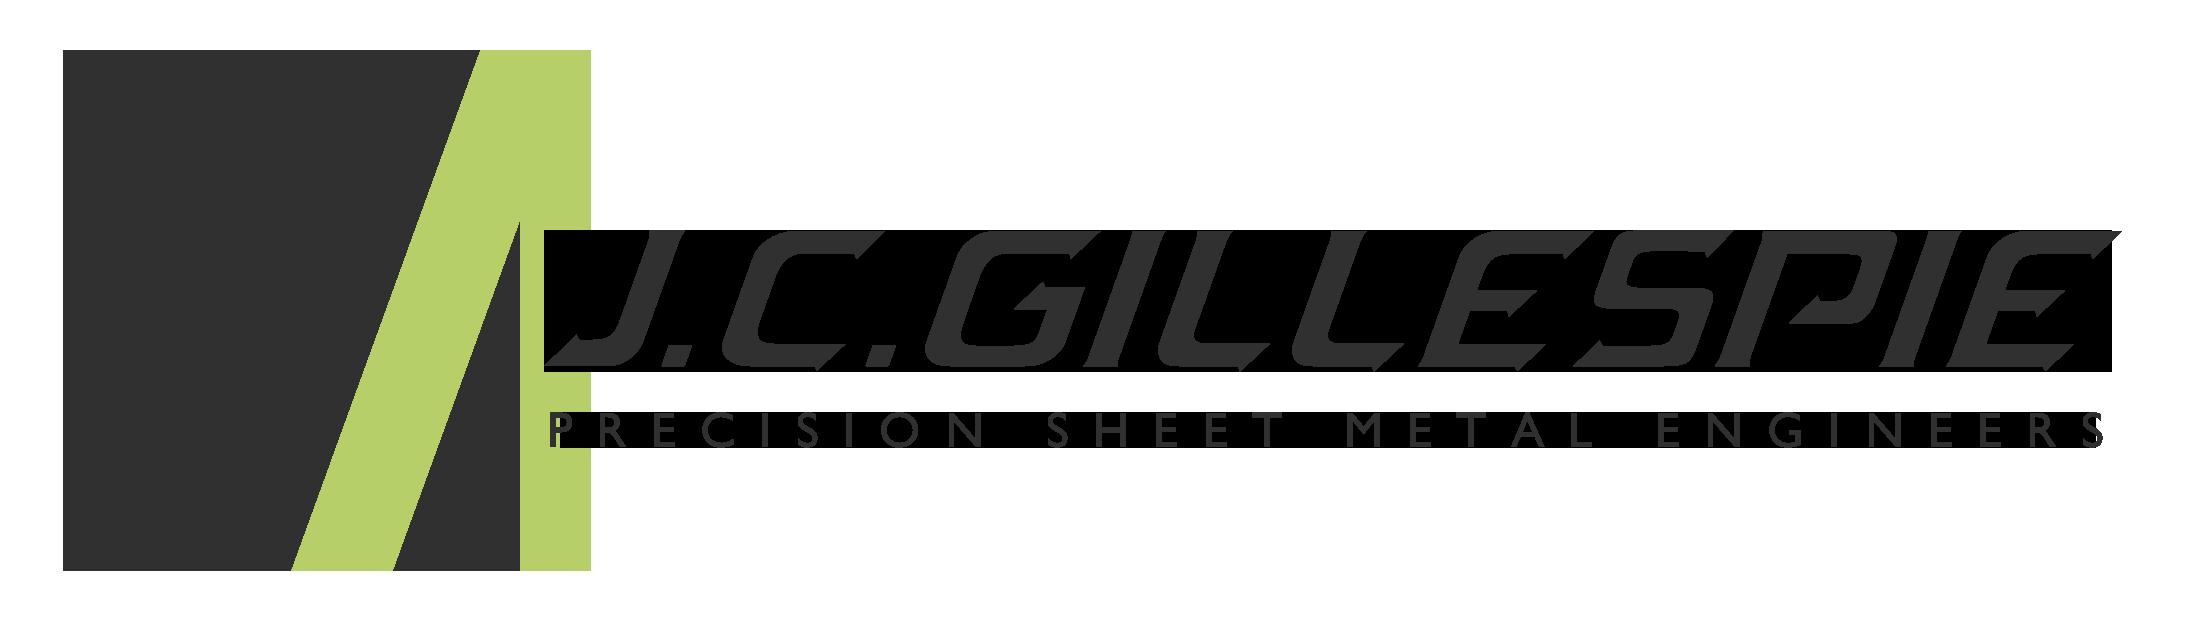 JC-GILLESPIE-DARK